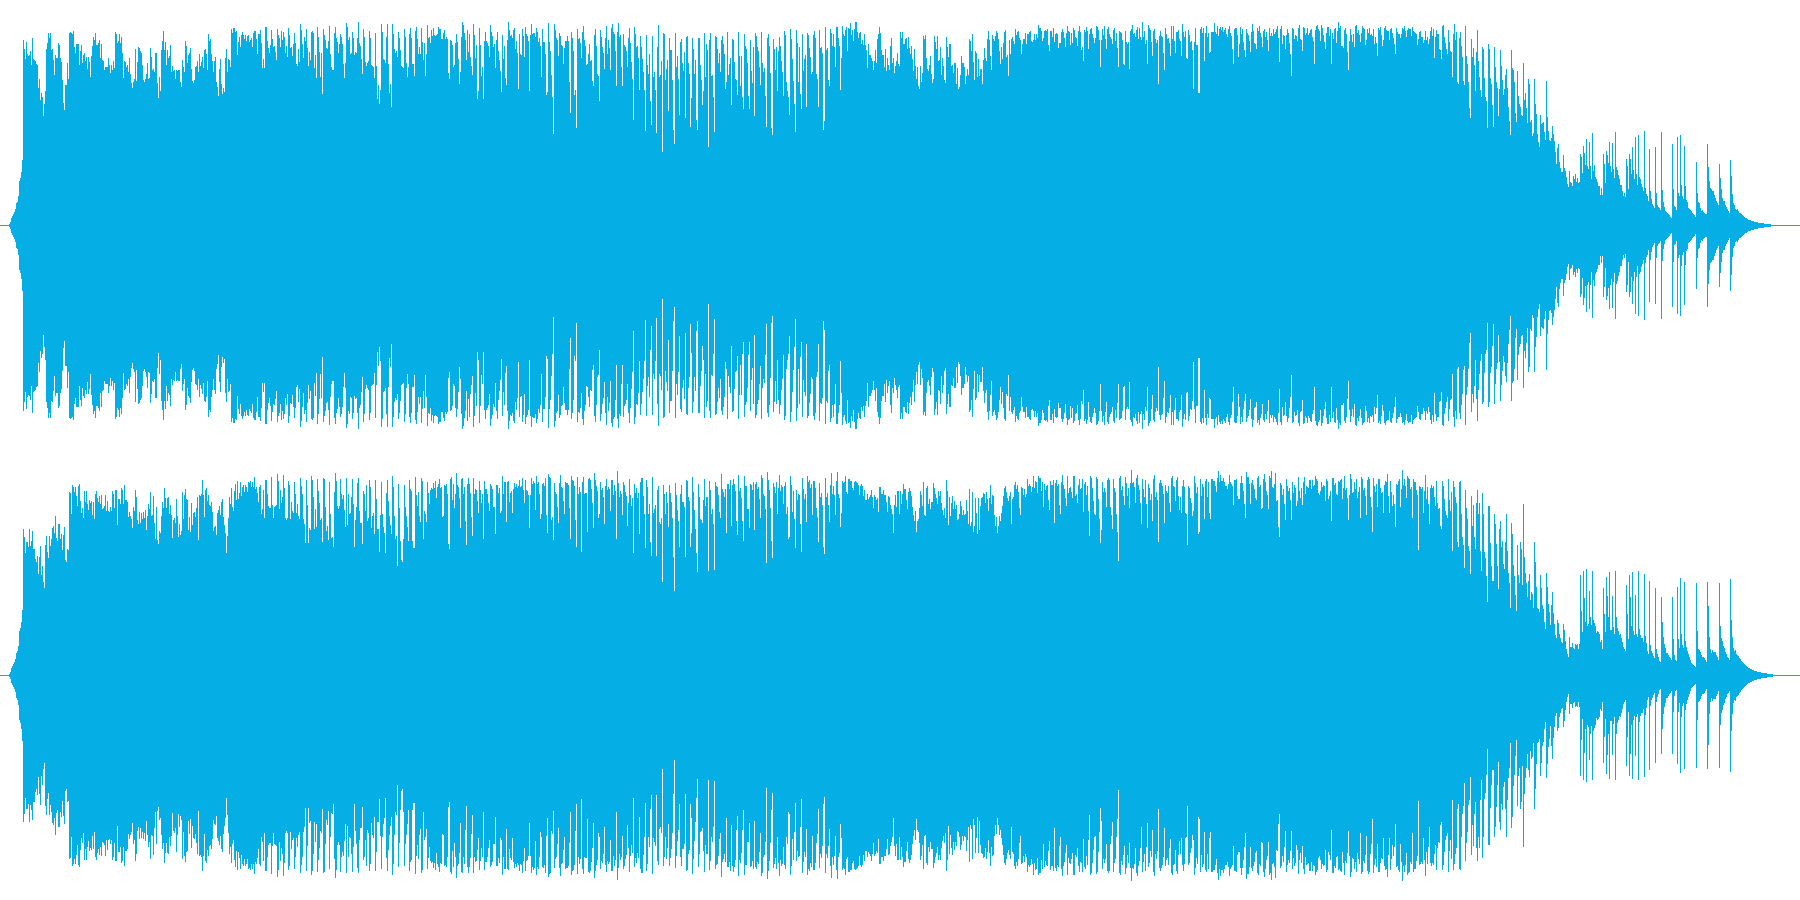 ガーリー&キュートなハウスポップの再生済みの波形